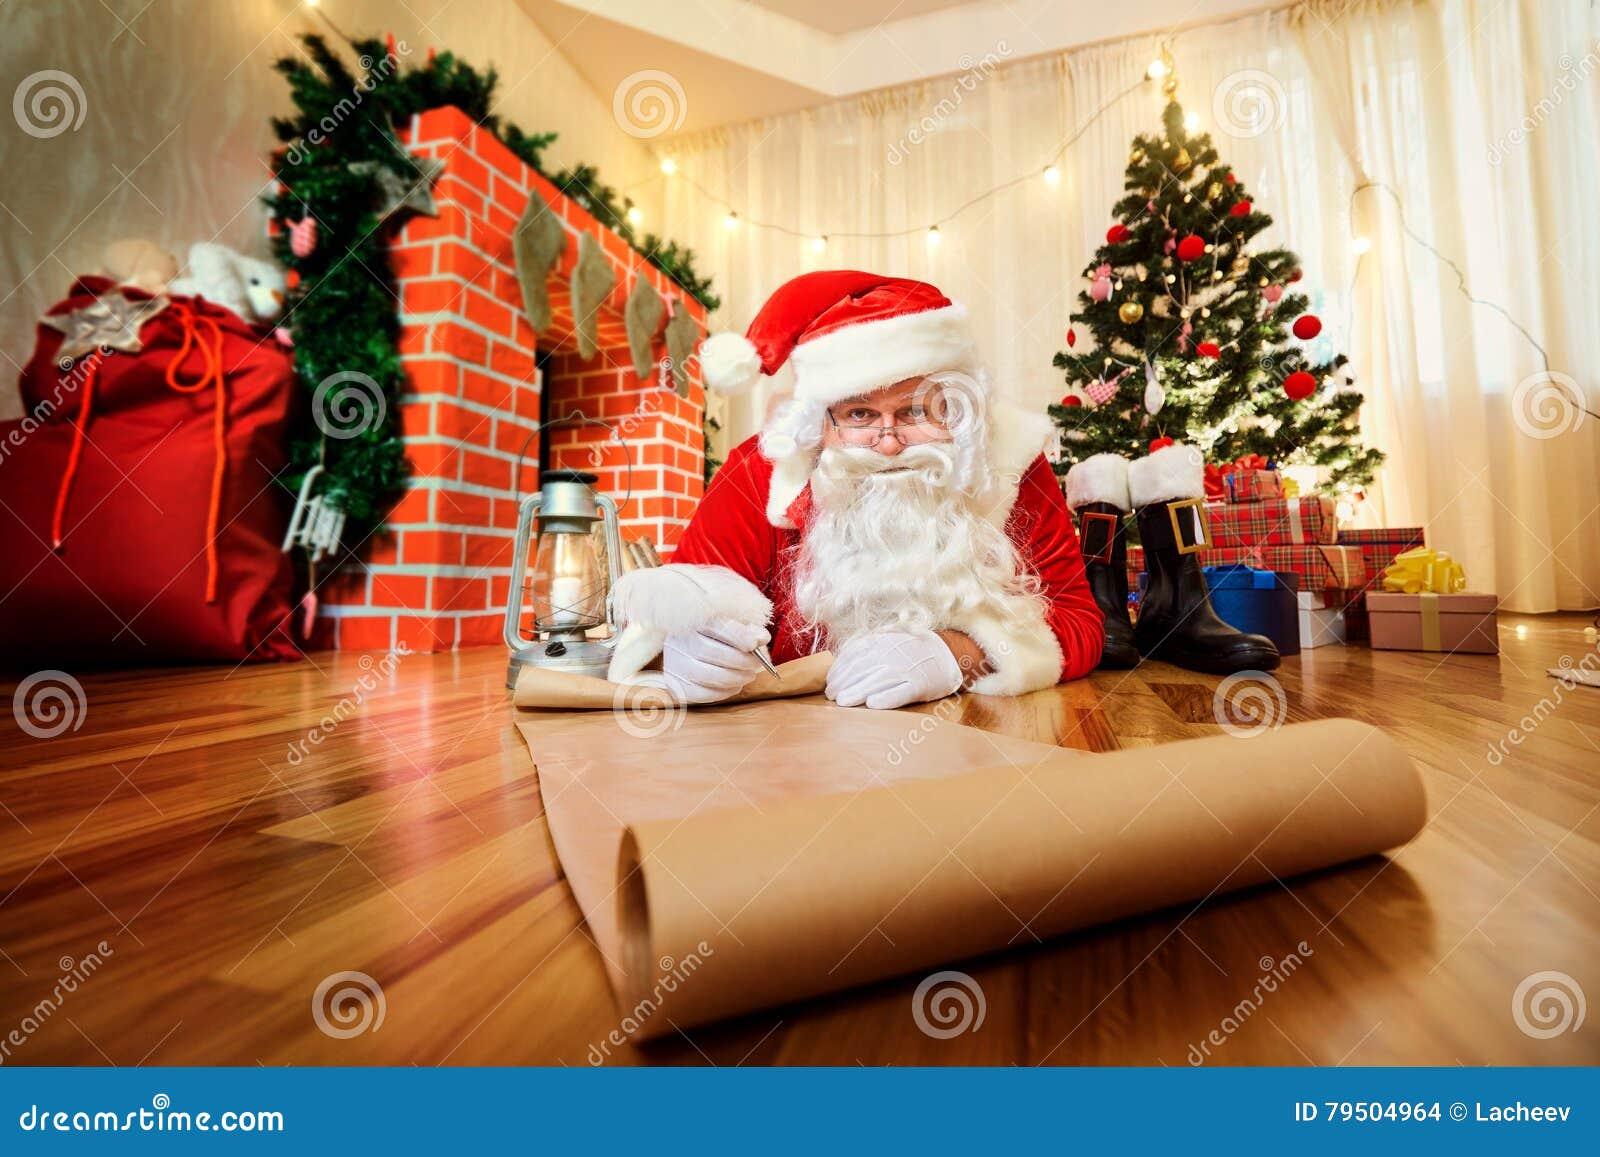 Santa Claus am Weihnachten, neues Year& x27; s Eve schrieb eine Liste von Geschenken t